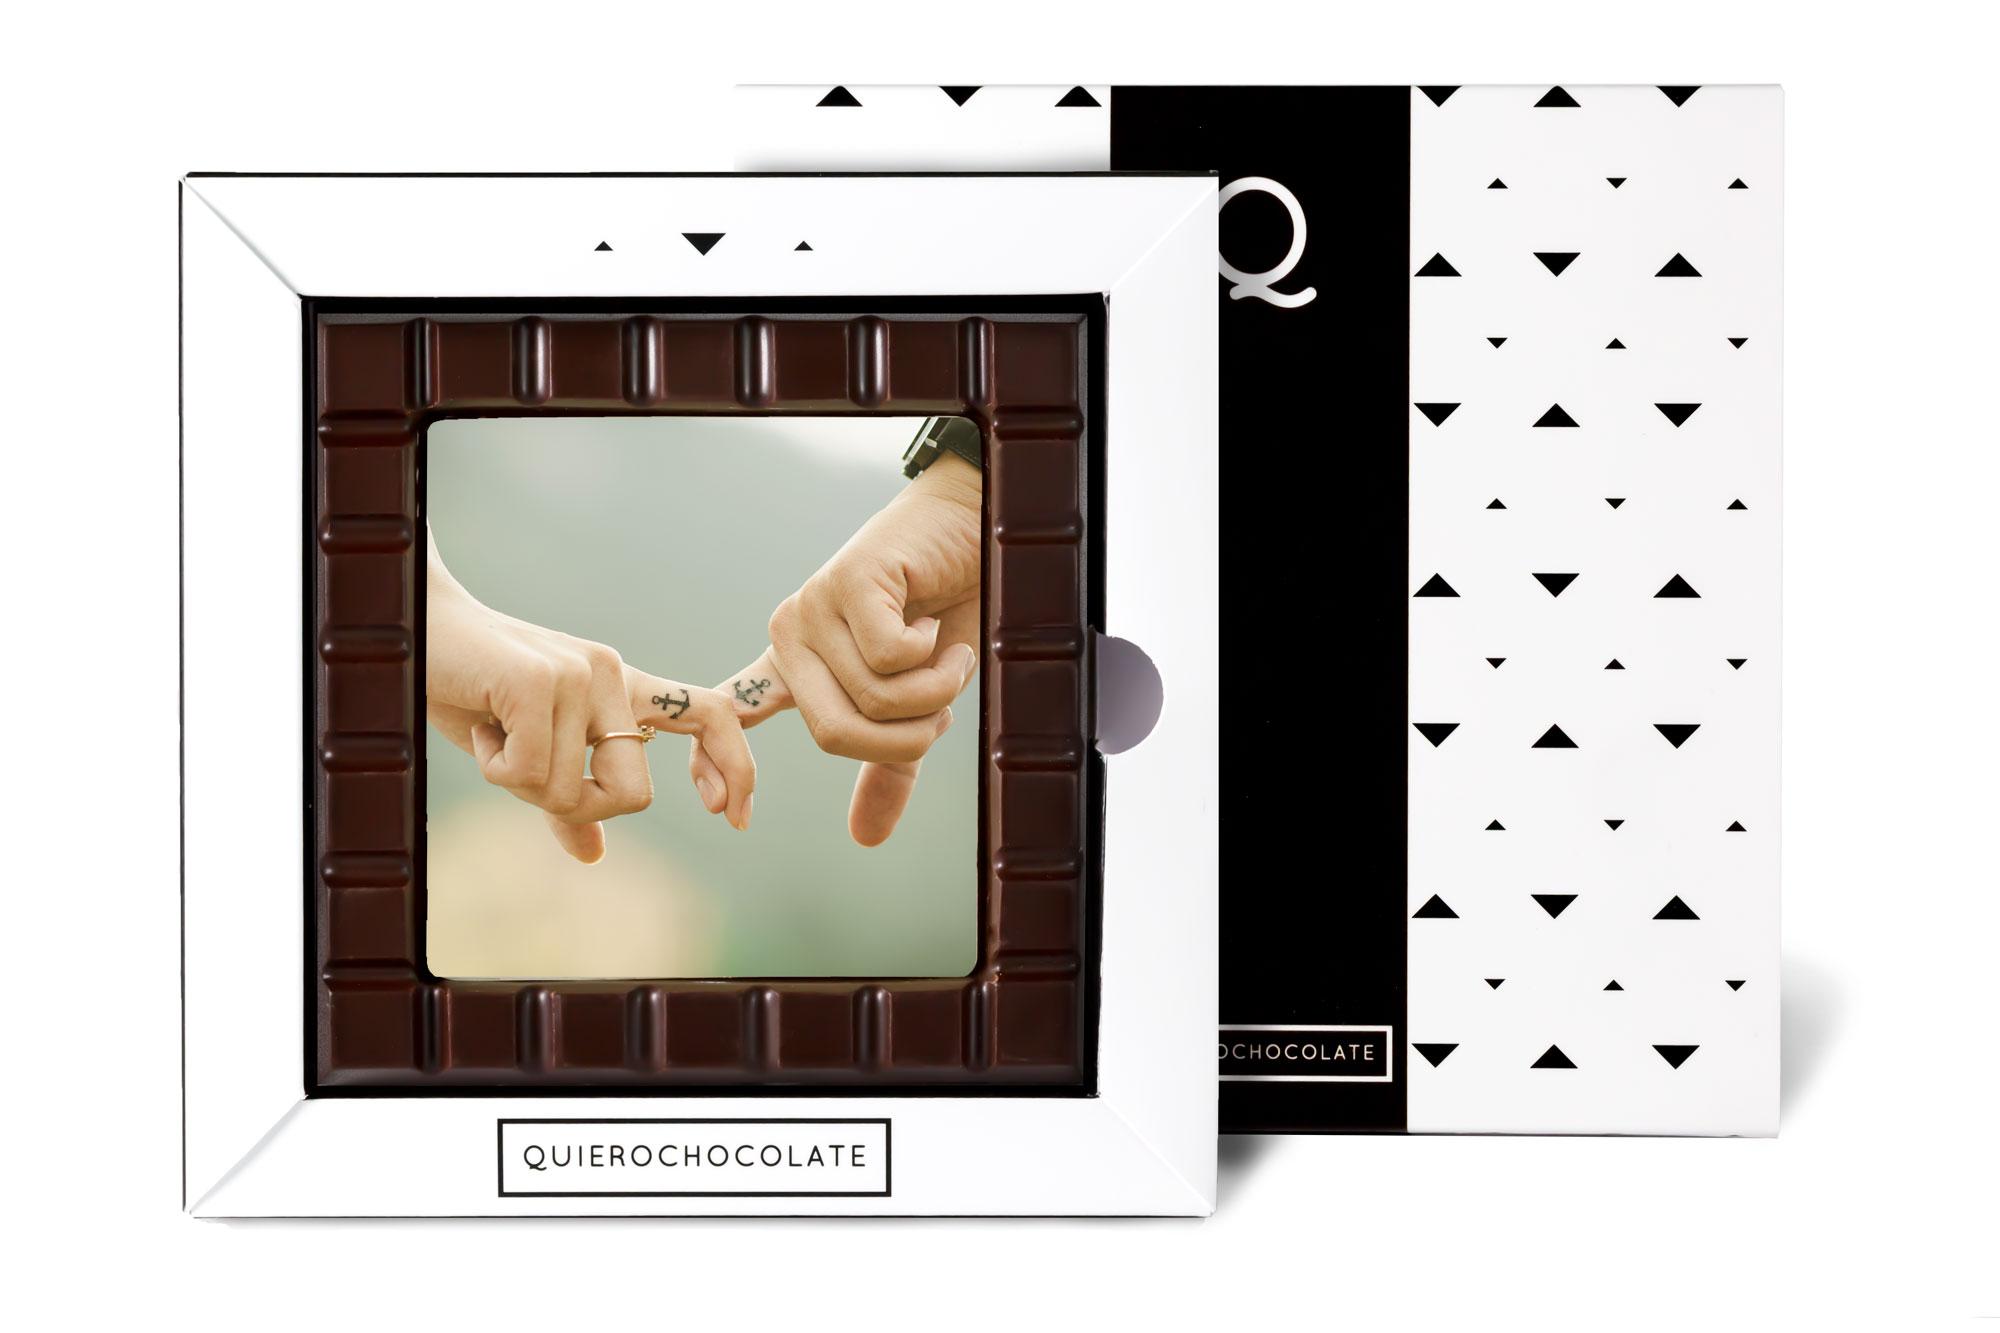 Chocolate personalizado con foto - Choco Foto - QuieroChocolate